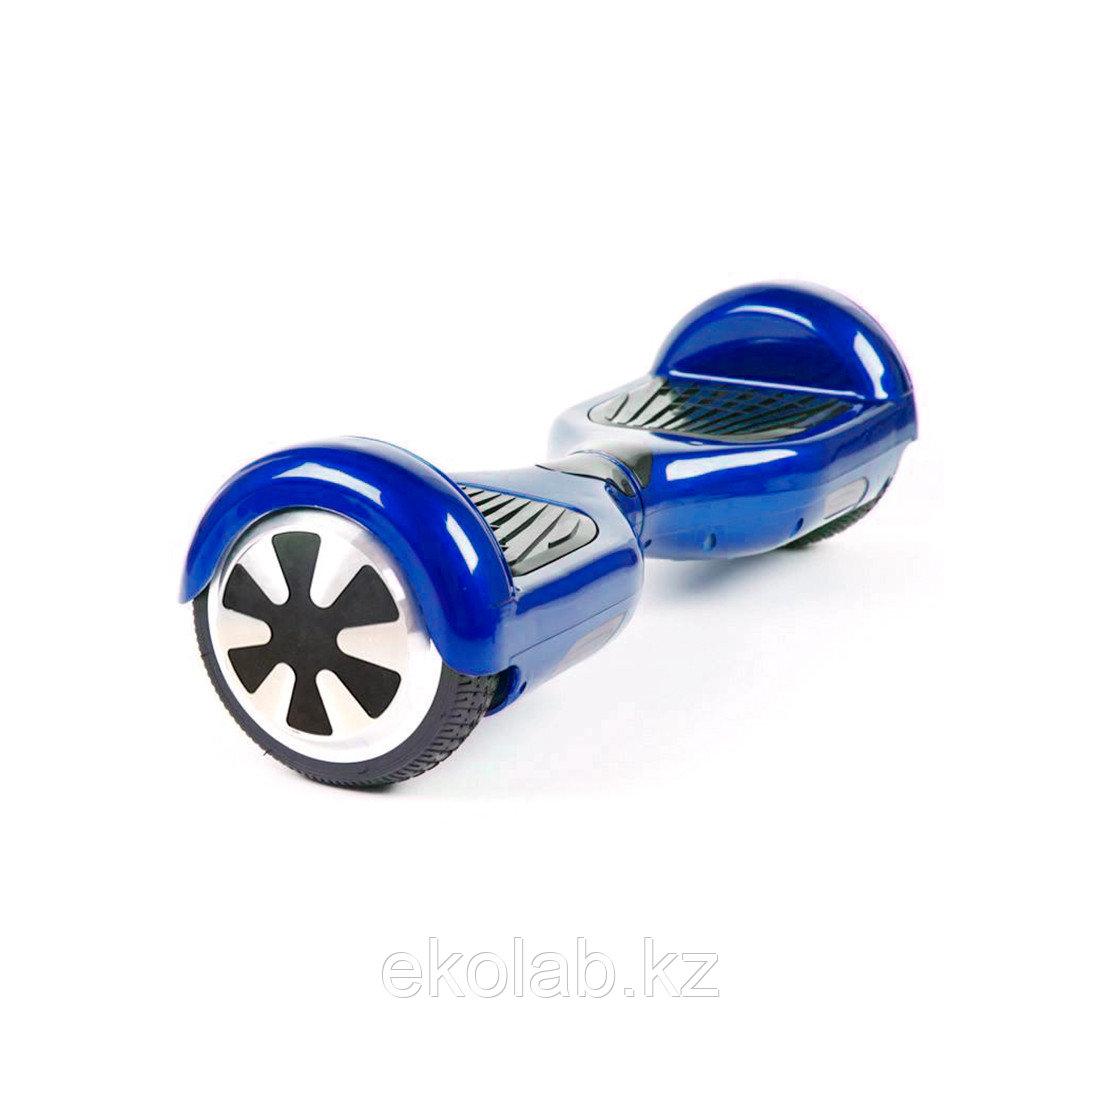 Гироскутер X-game X65В Синий